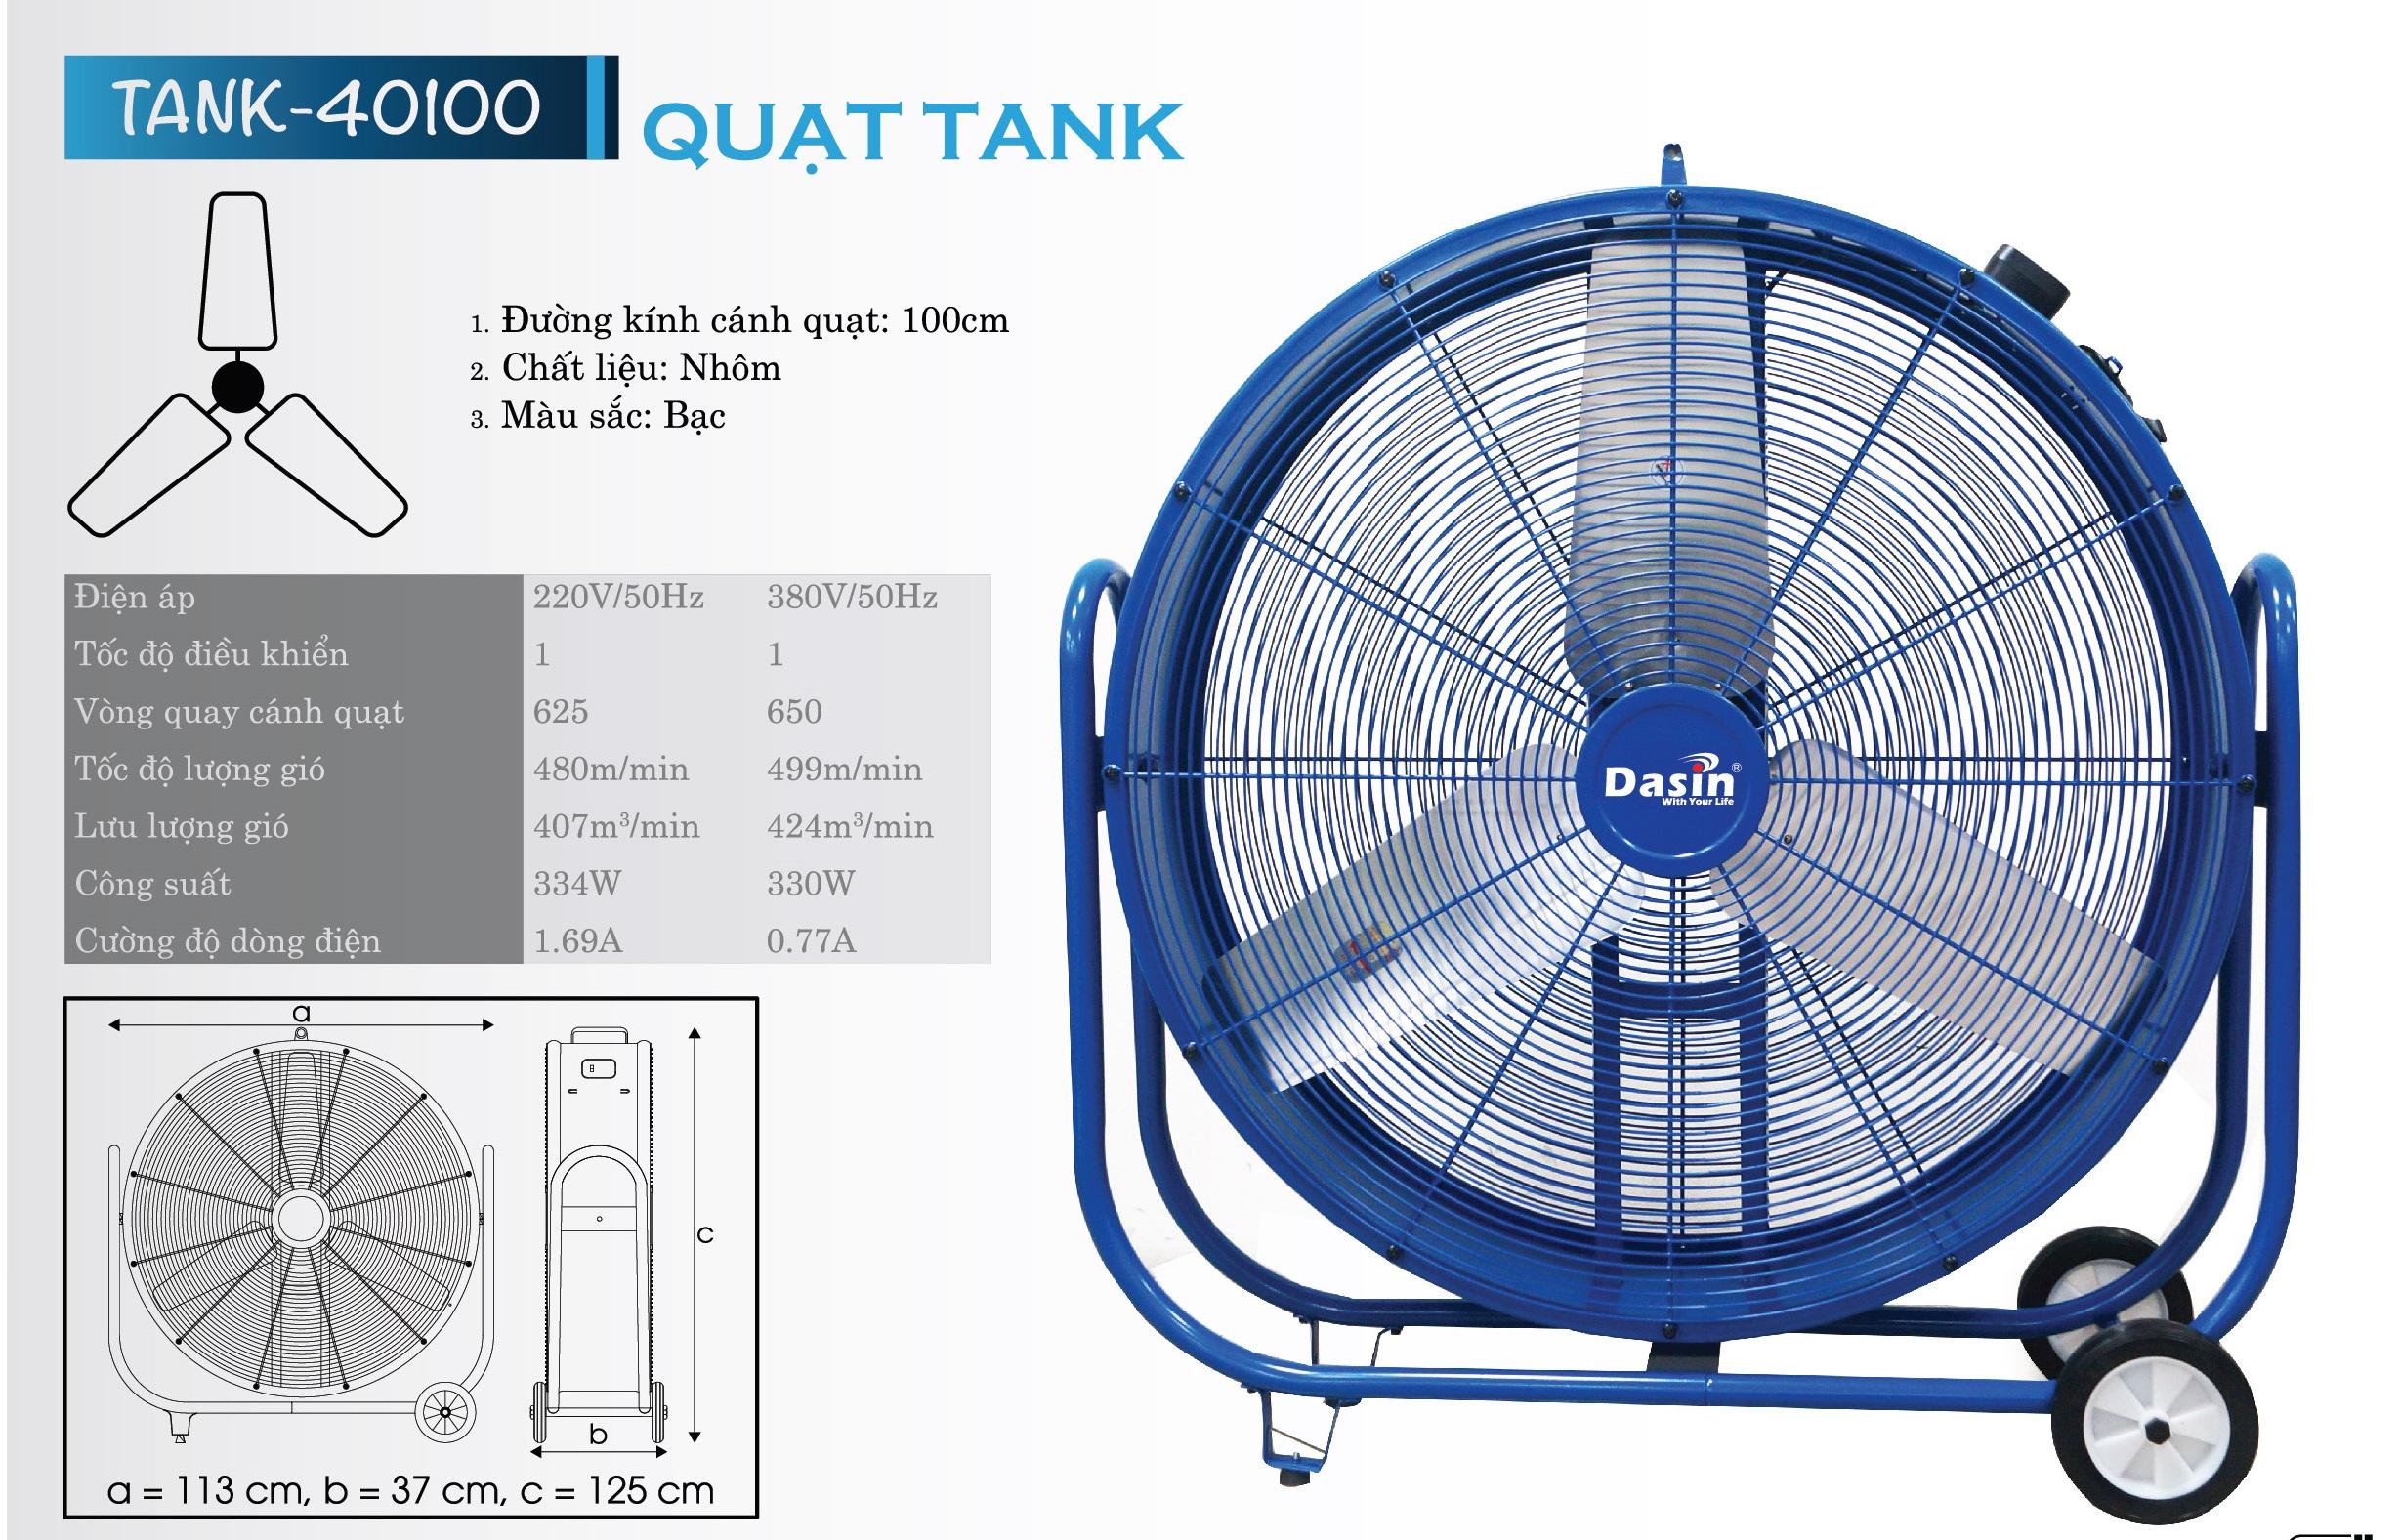 Thông số kĩ thuật Tank-40100